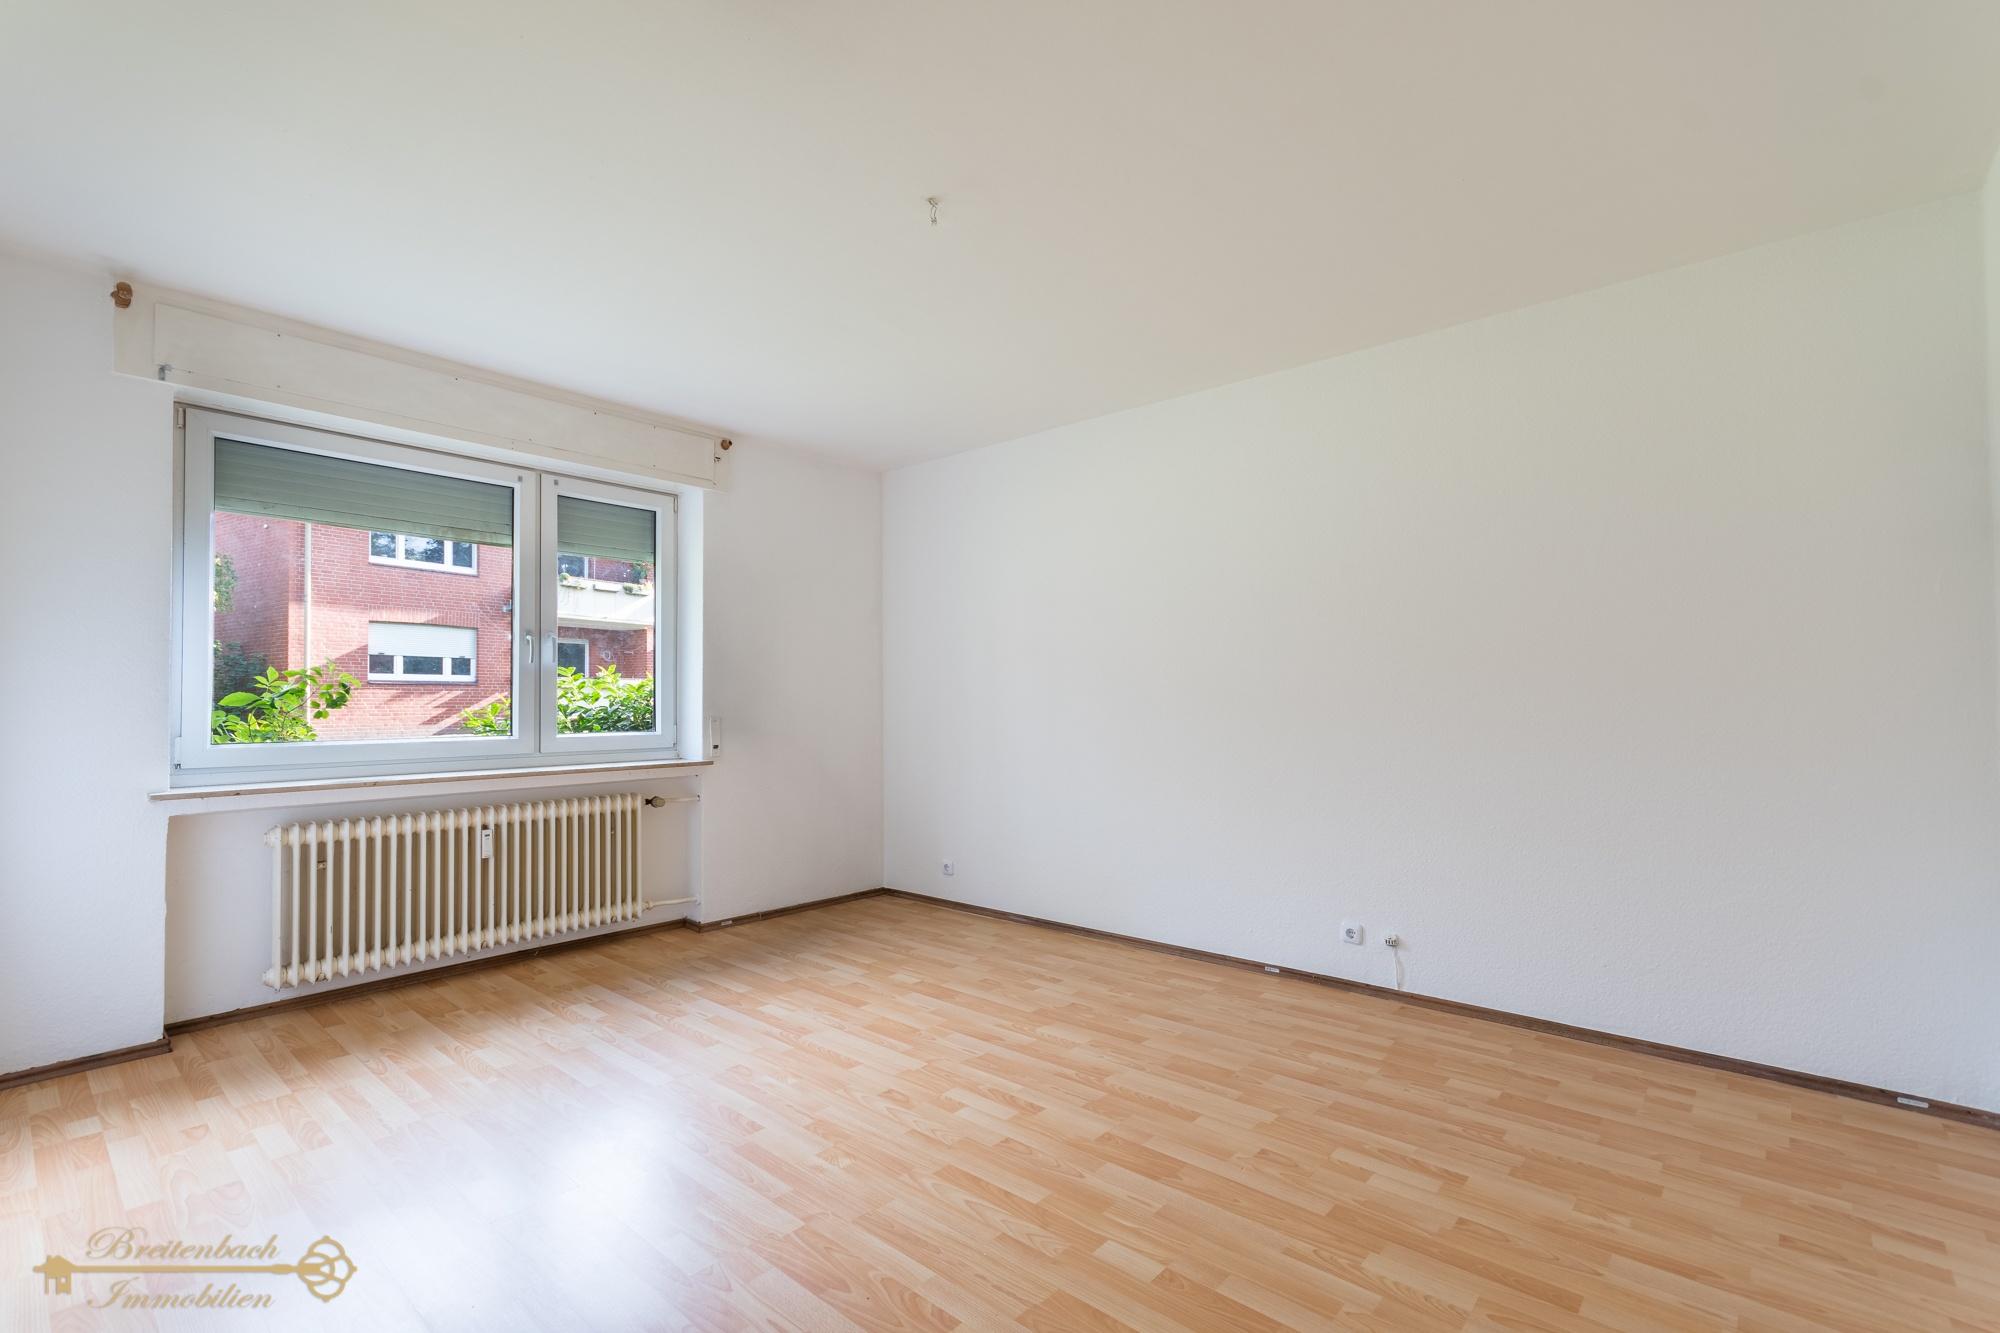 2020-09-26-Breitenbach-Immobilien-11